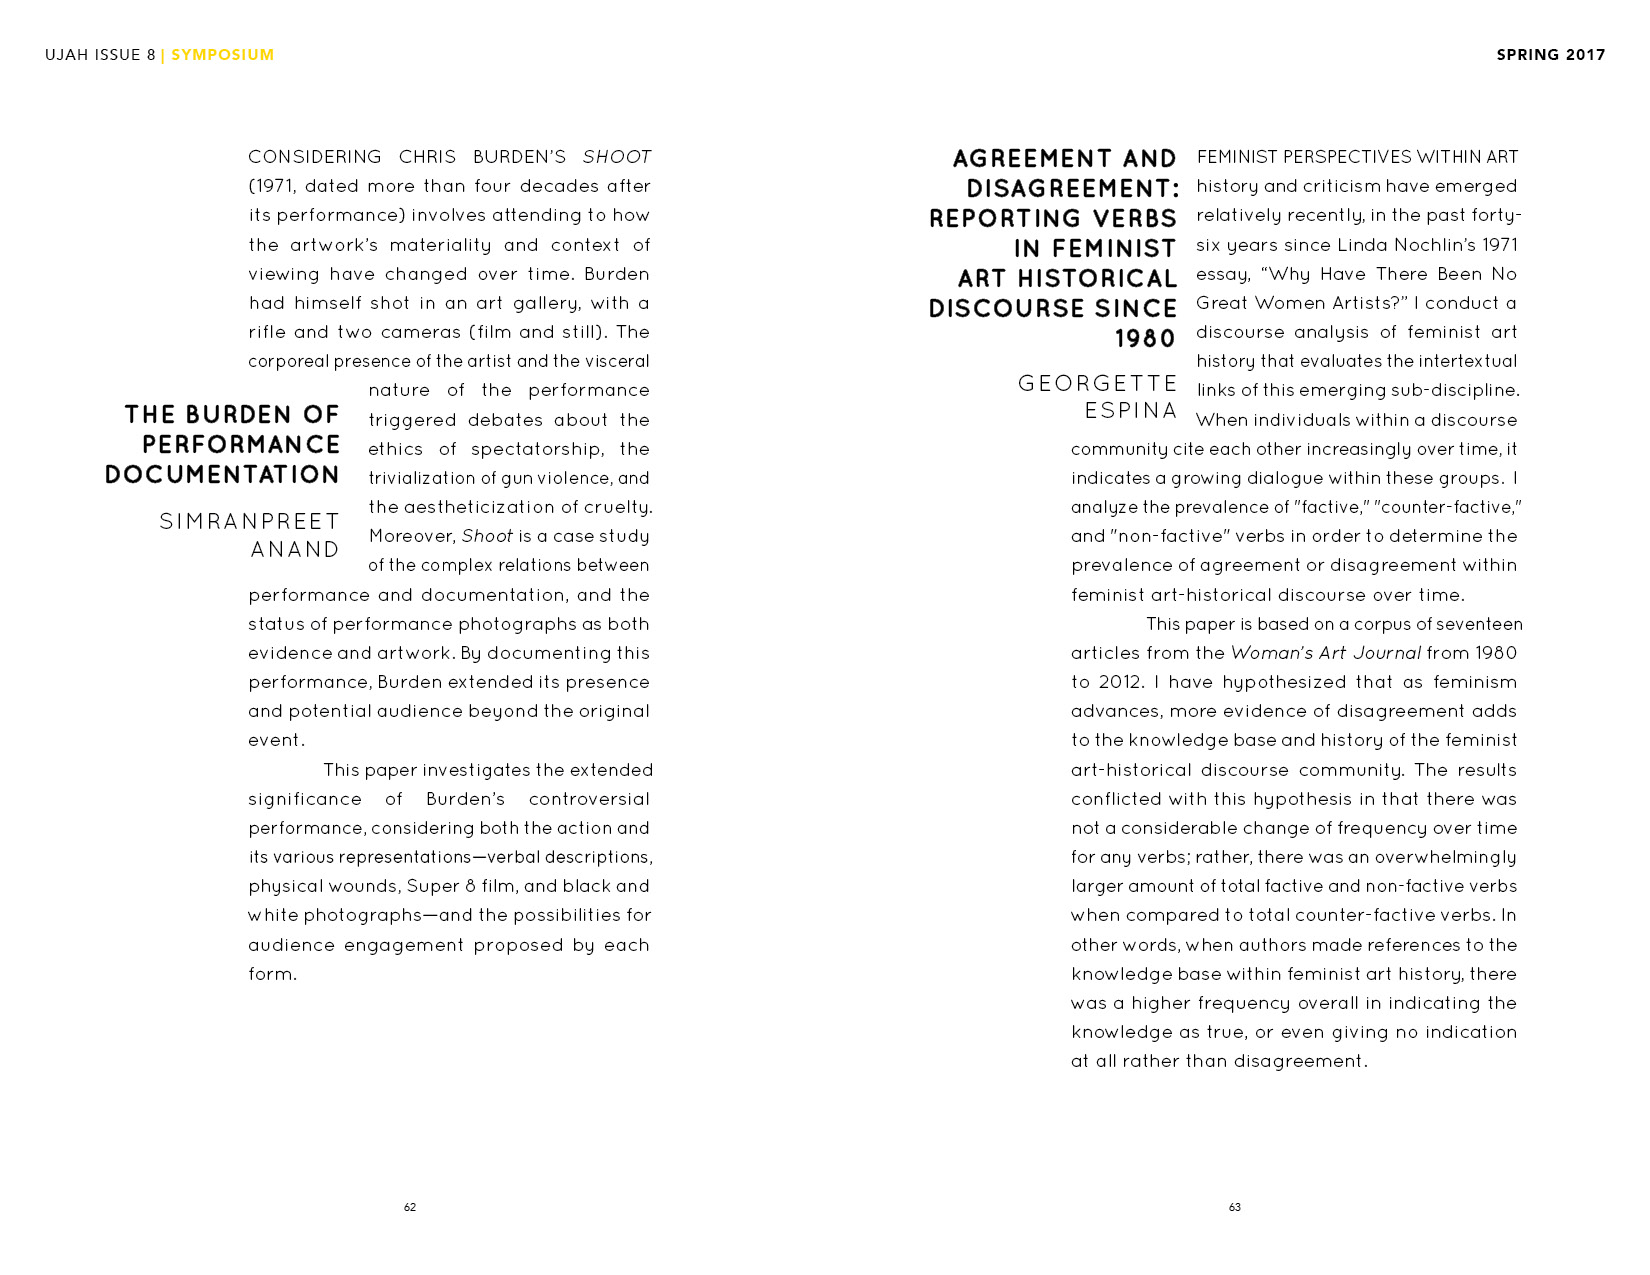 UJAH_issue8_InsidePages_ProofMar27_v5_ForPrint32.jpg